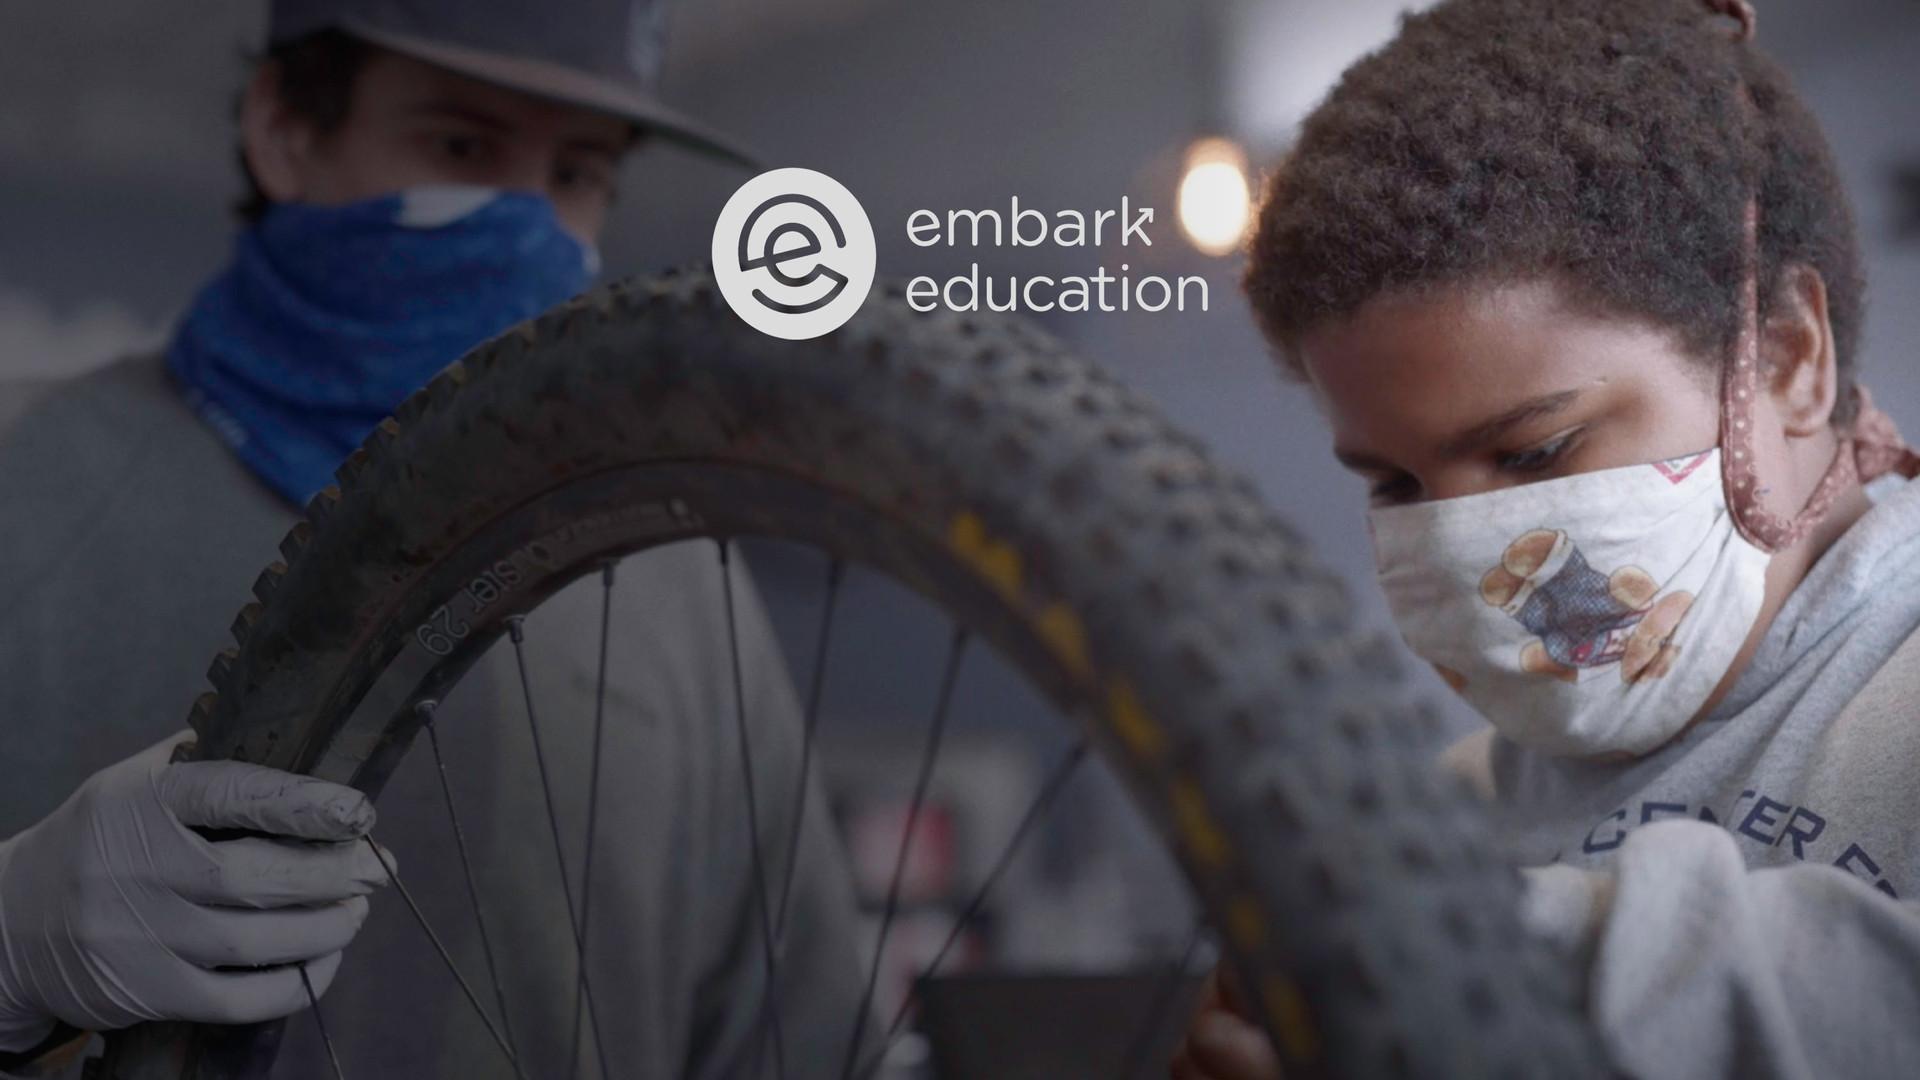 EMBARK EDUCATION